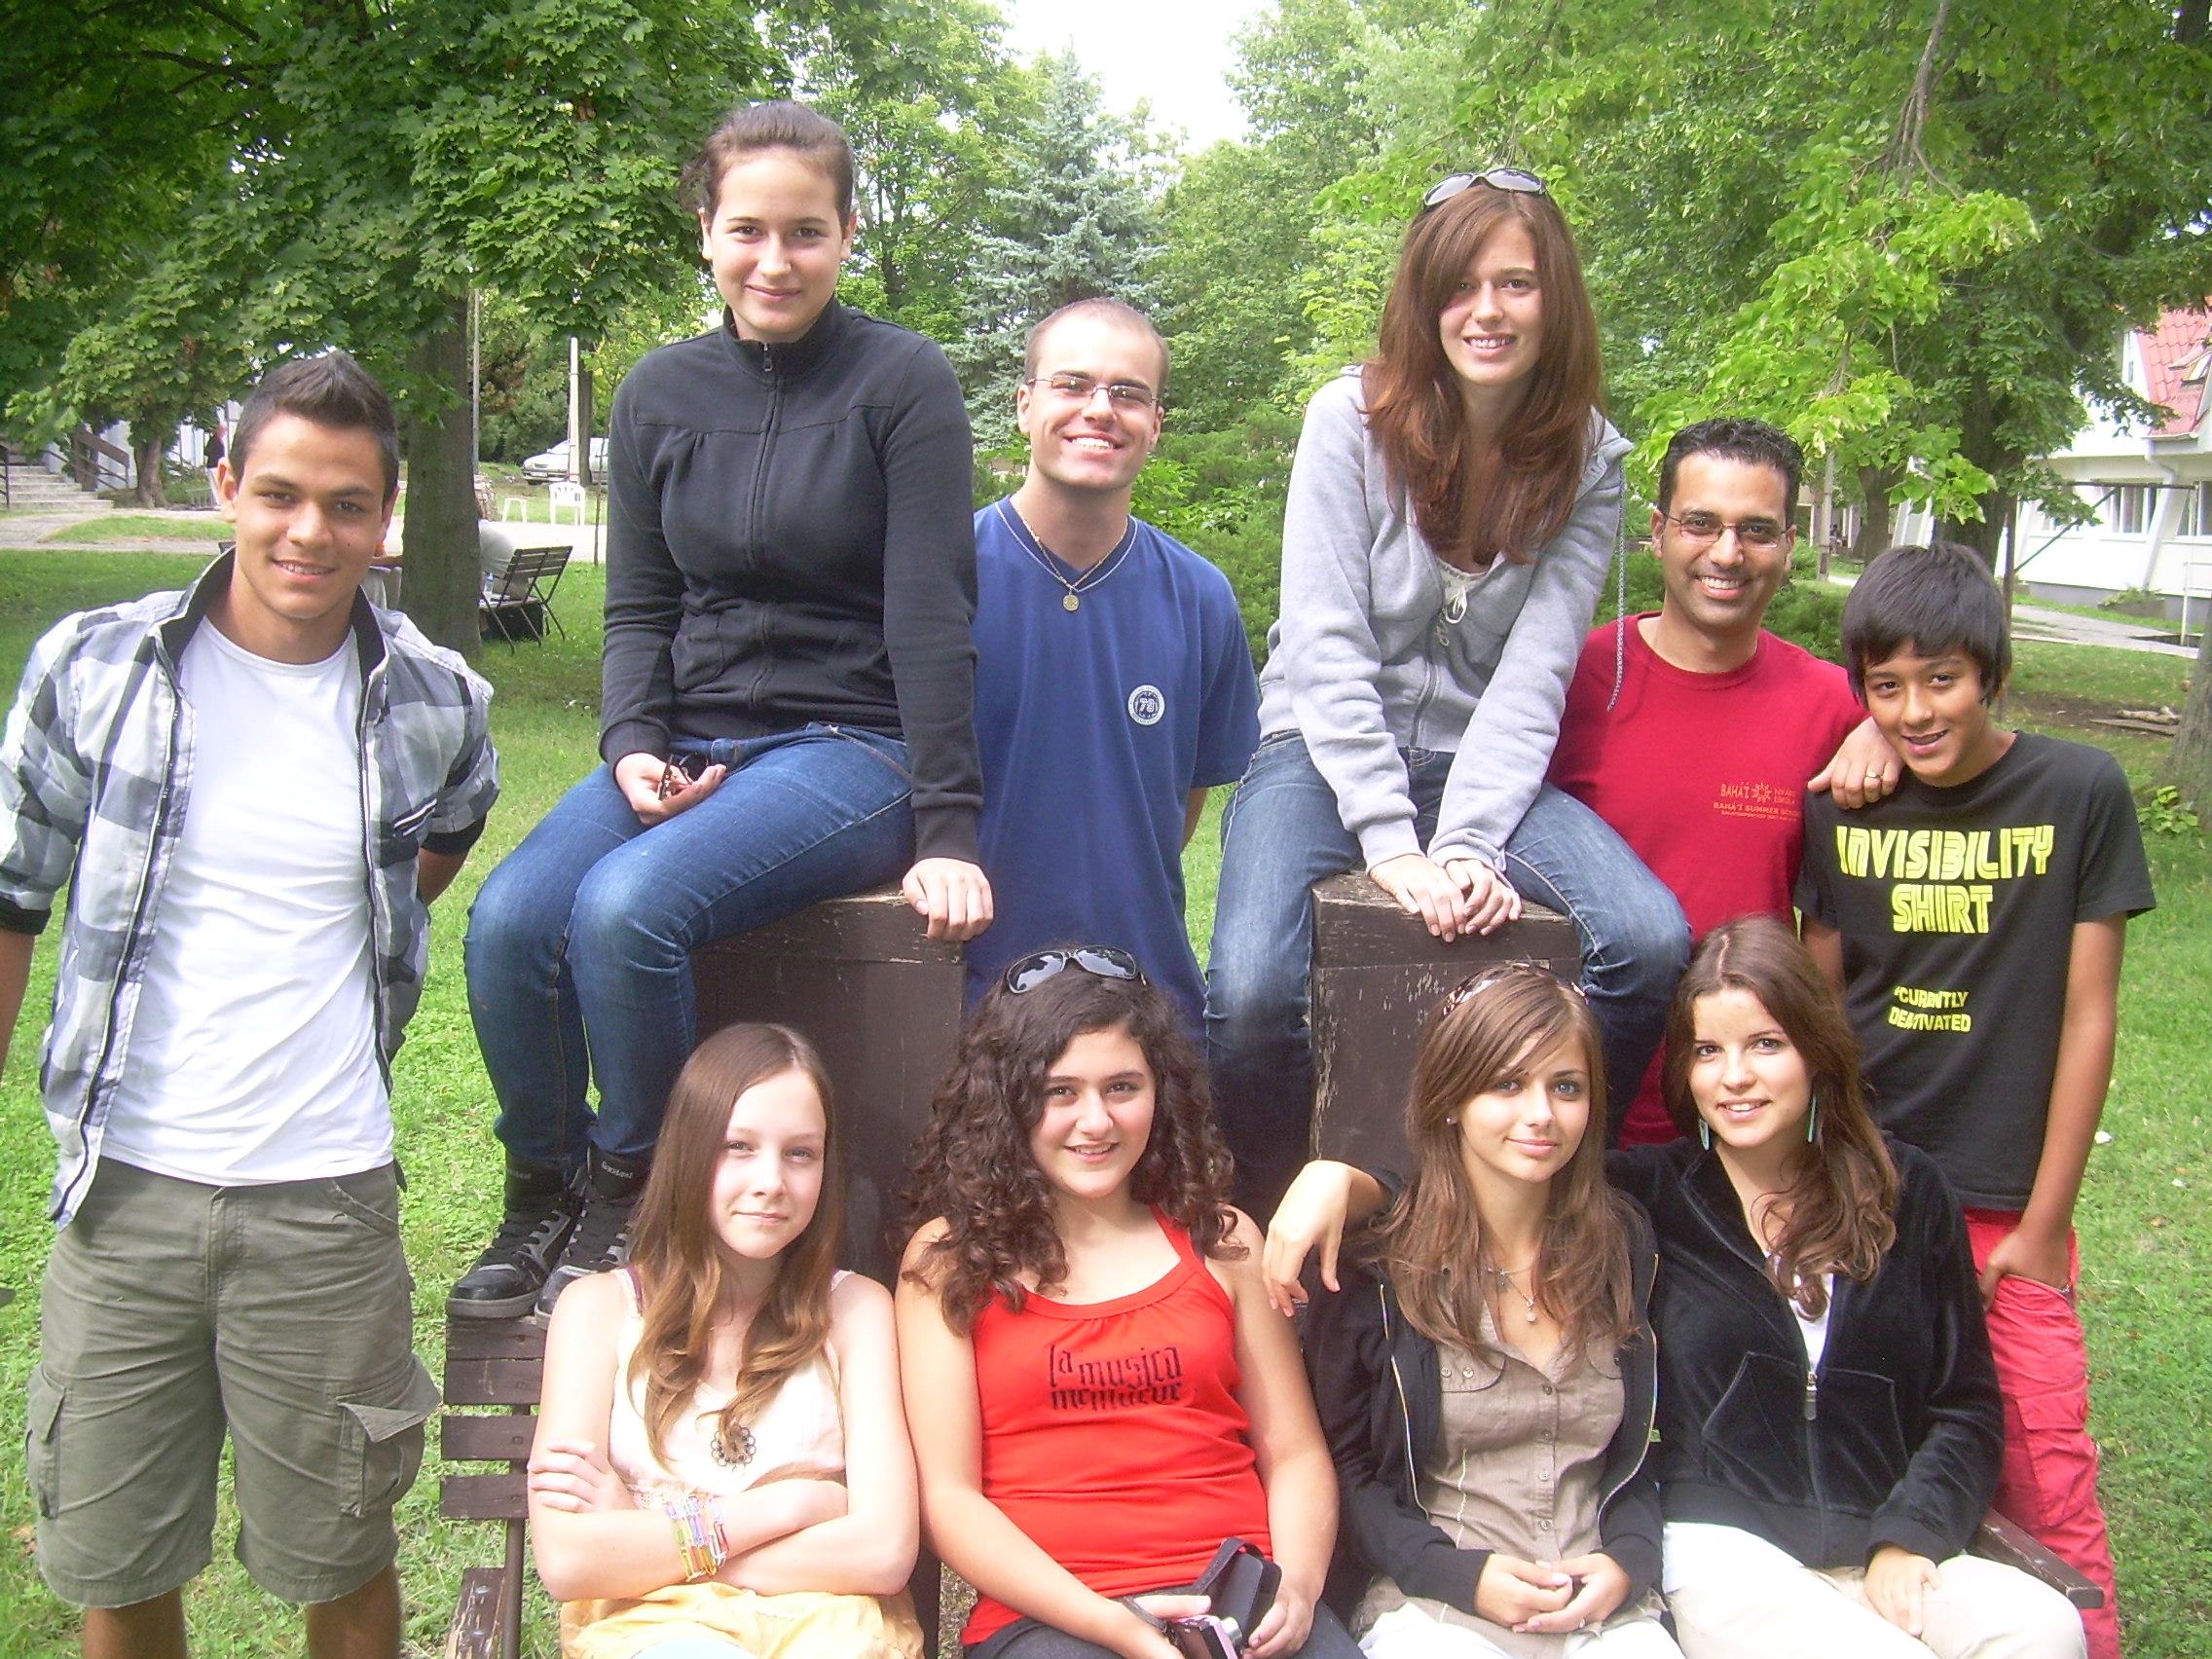 Akik tesznek a békés, új világrendért (Bahá'í ifjúsági találkozó, Balatongyörök, 2010) (c) Magyarországi Bahá'í Közösség www.bahai.hu